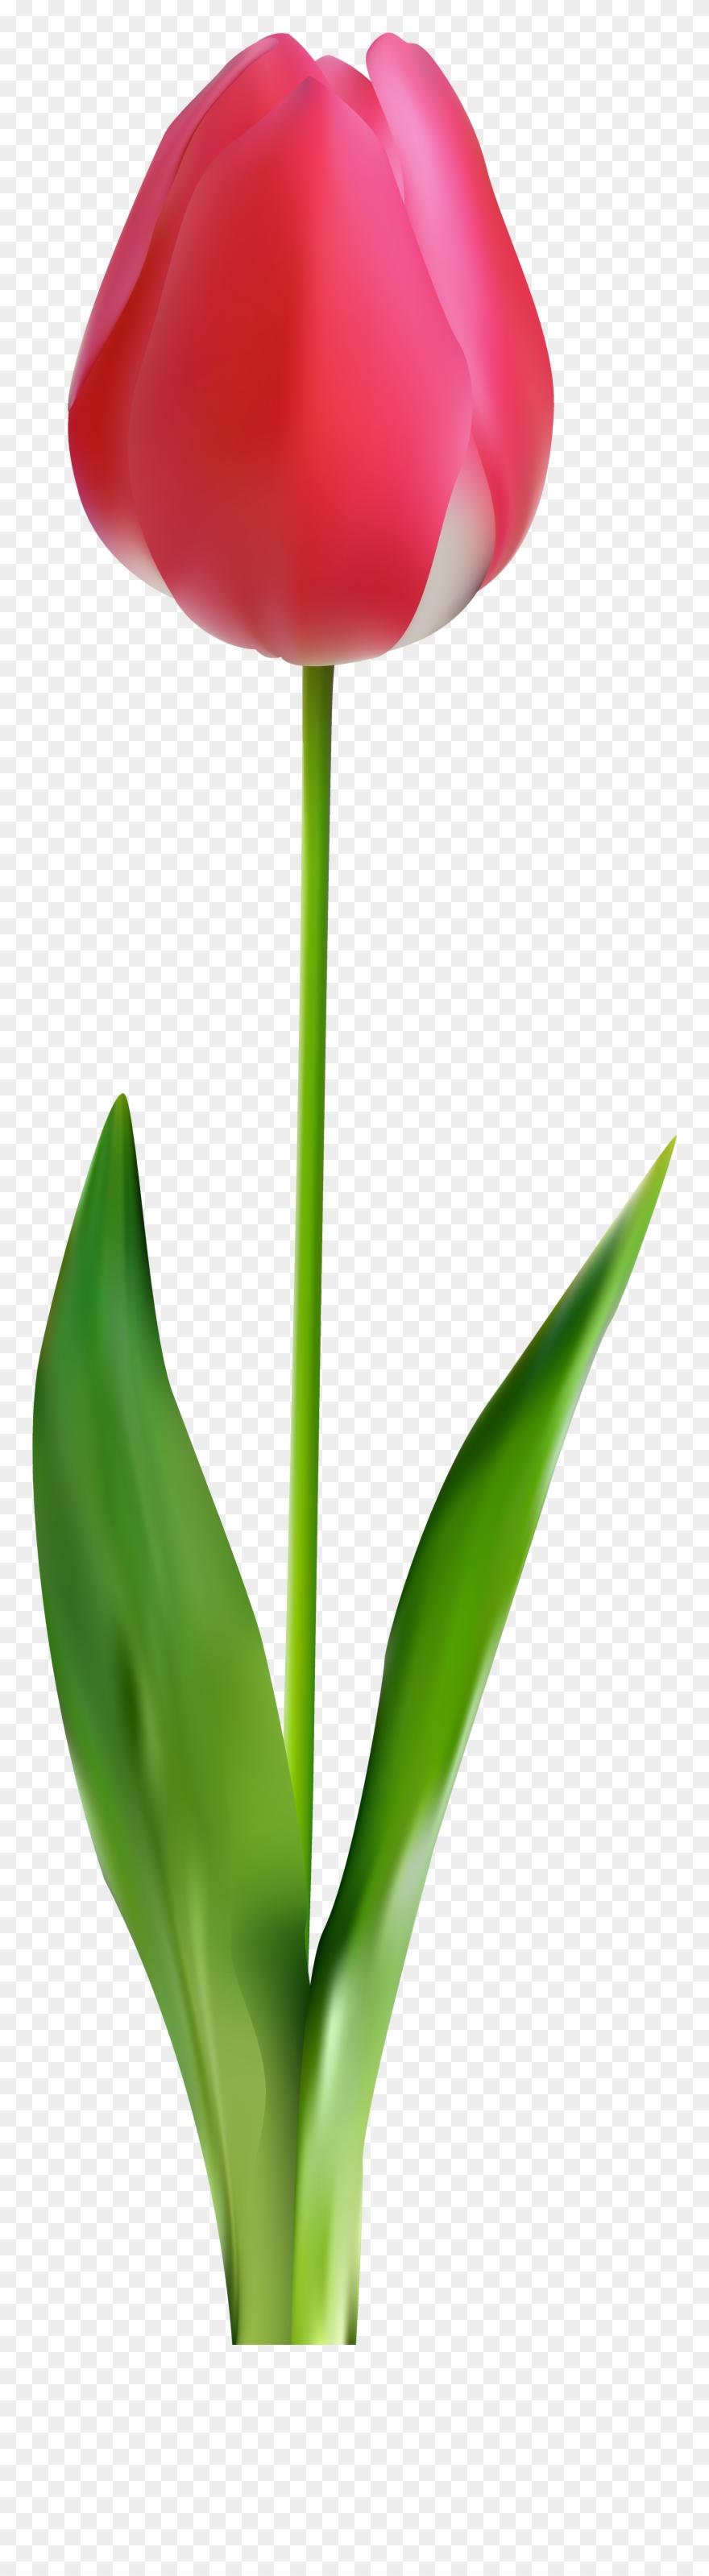 tulip # 4956617